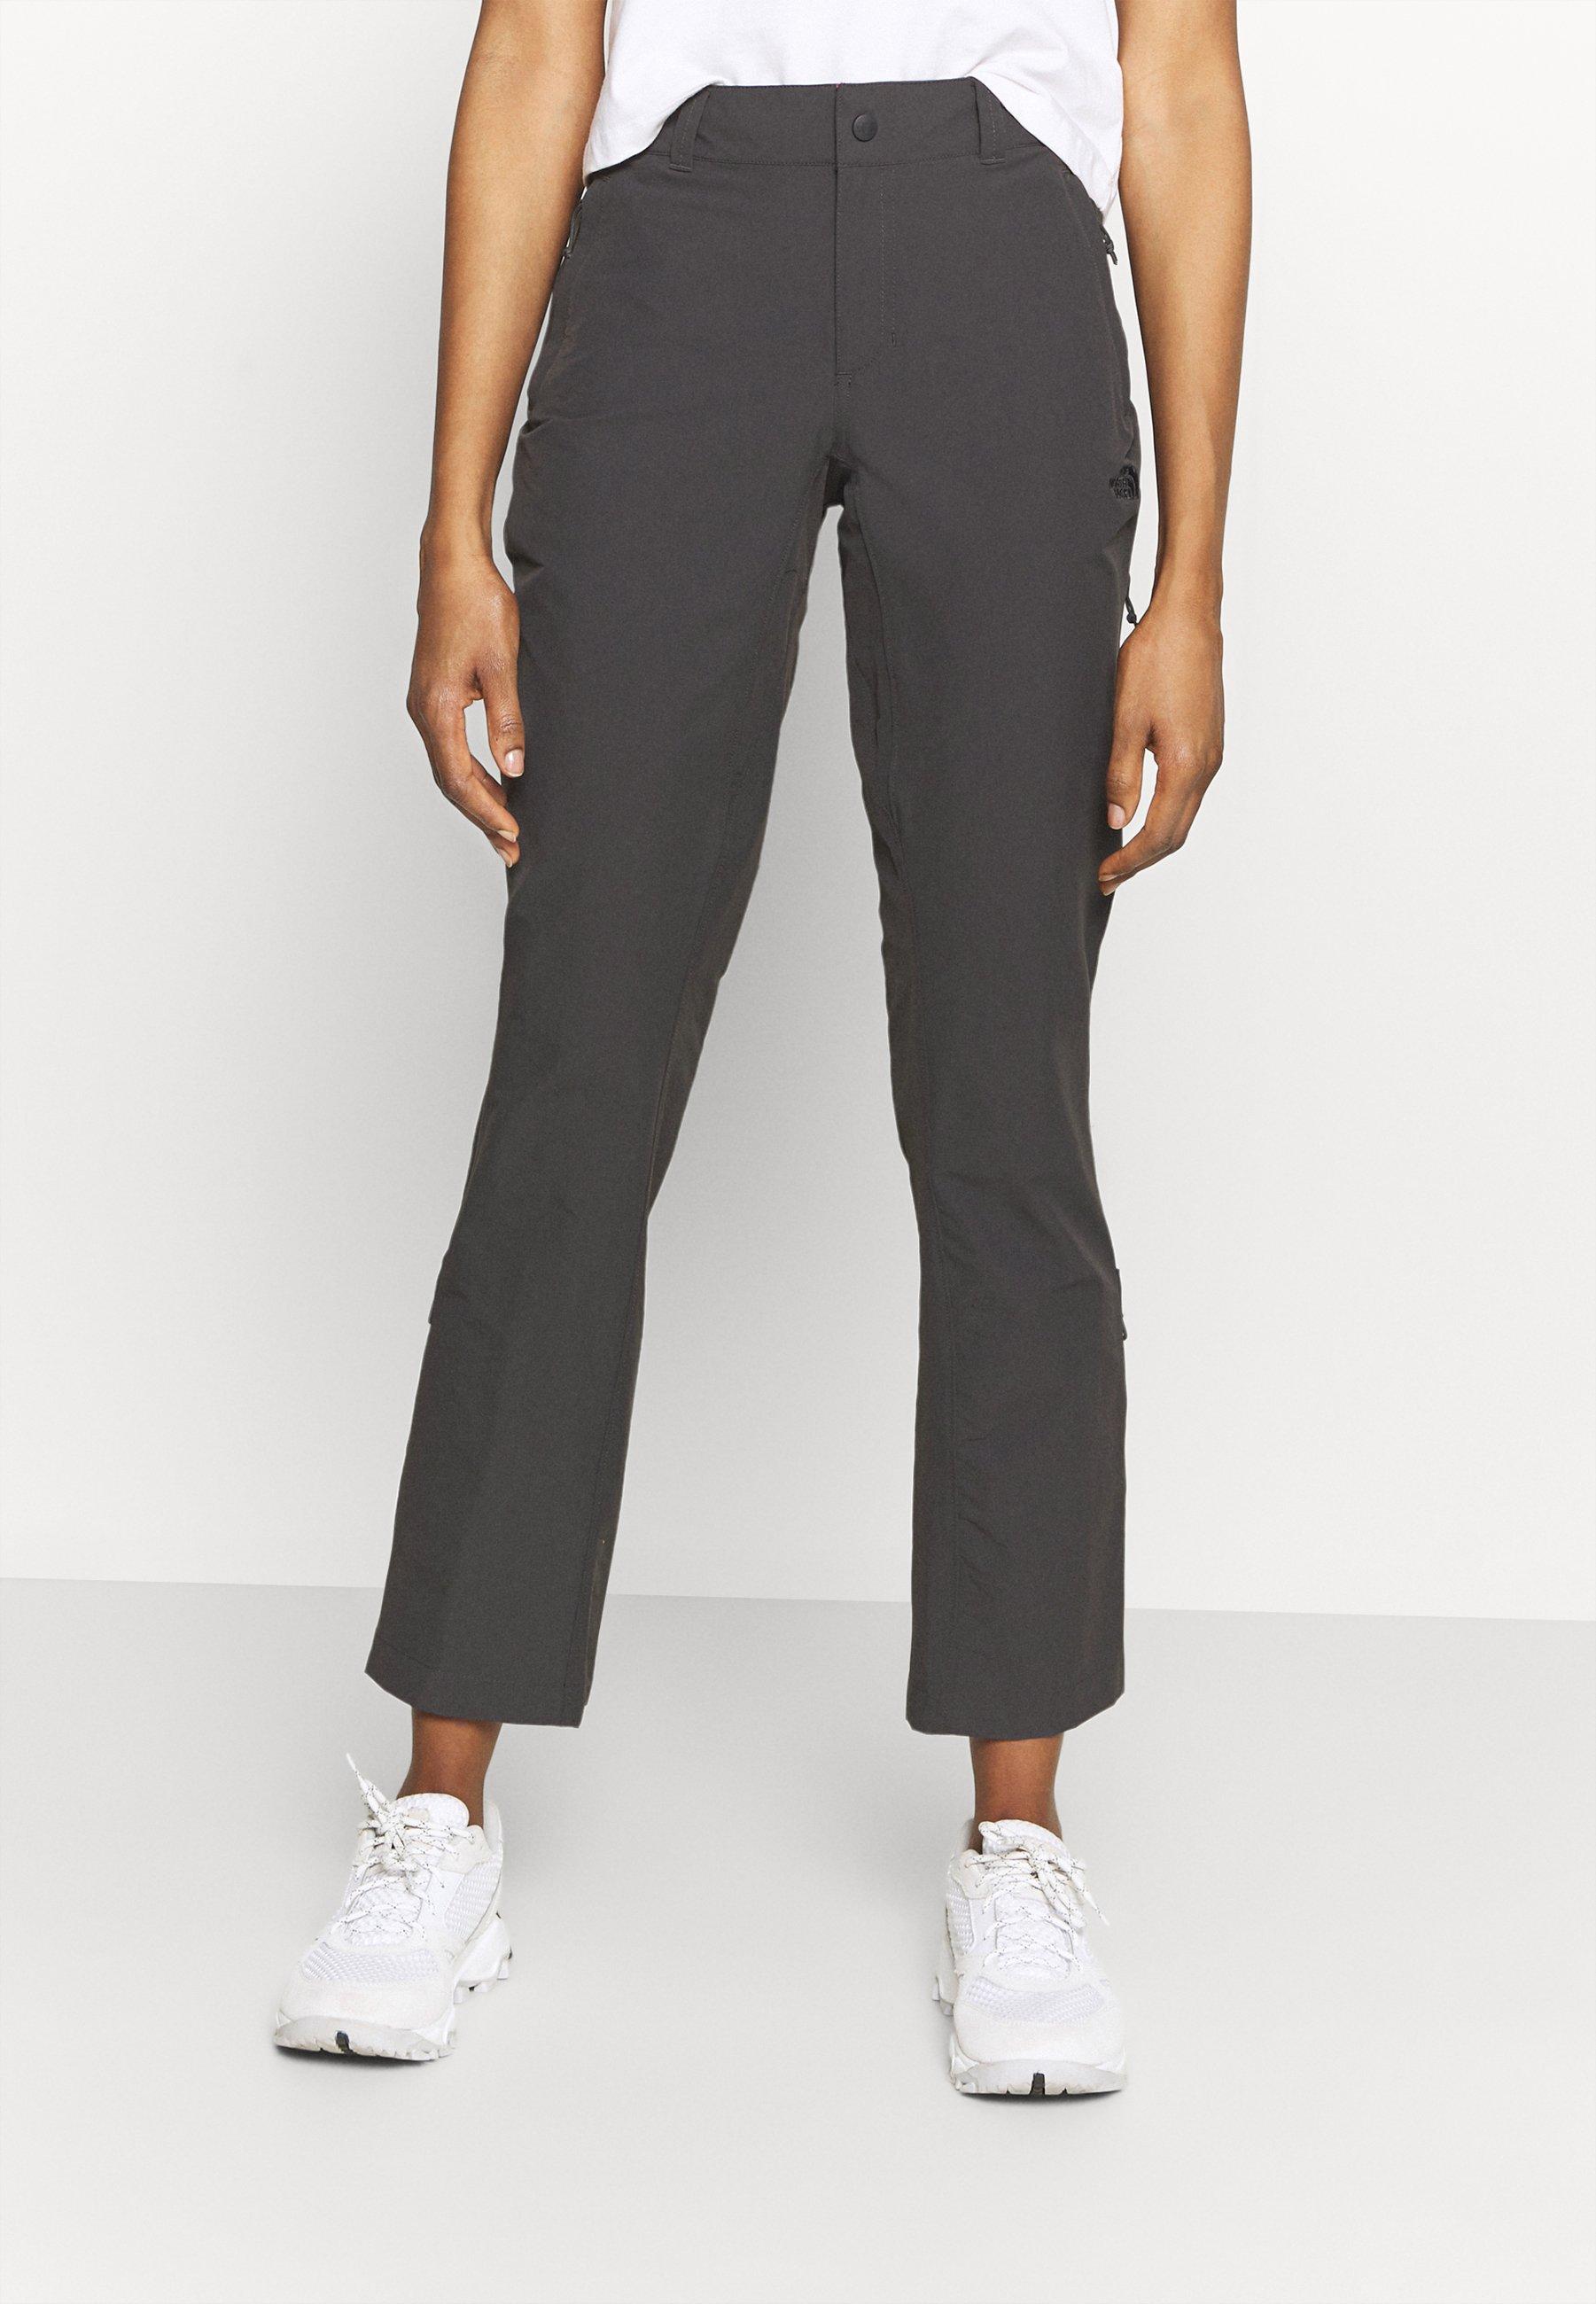 Femme EXPLORATION PANT - Pantalon classique